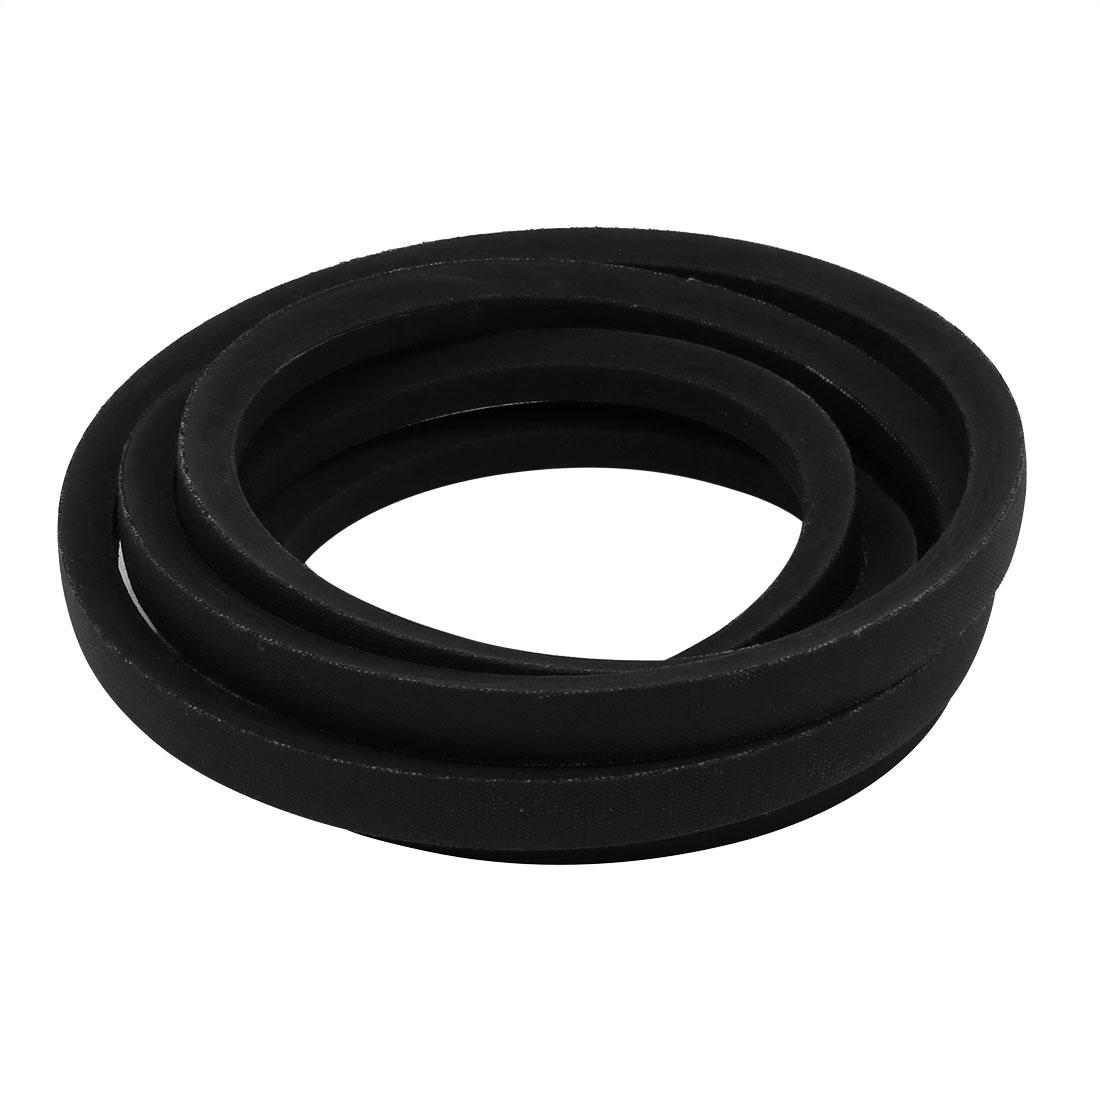 B2650 17mm Wide 11mm Thick Rubber Transmission Drive Belt V-Belt Black